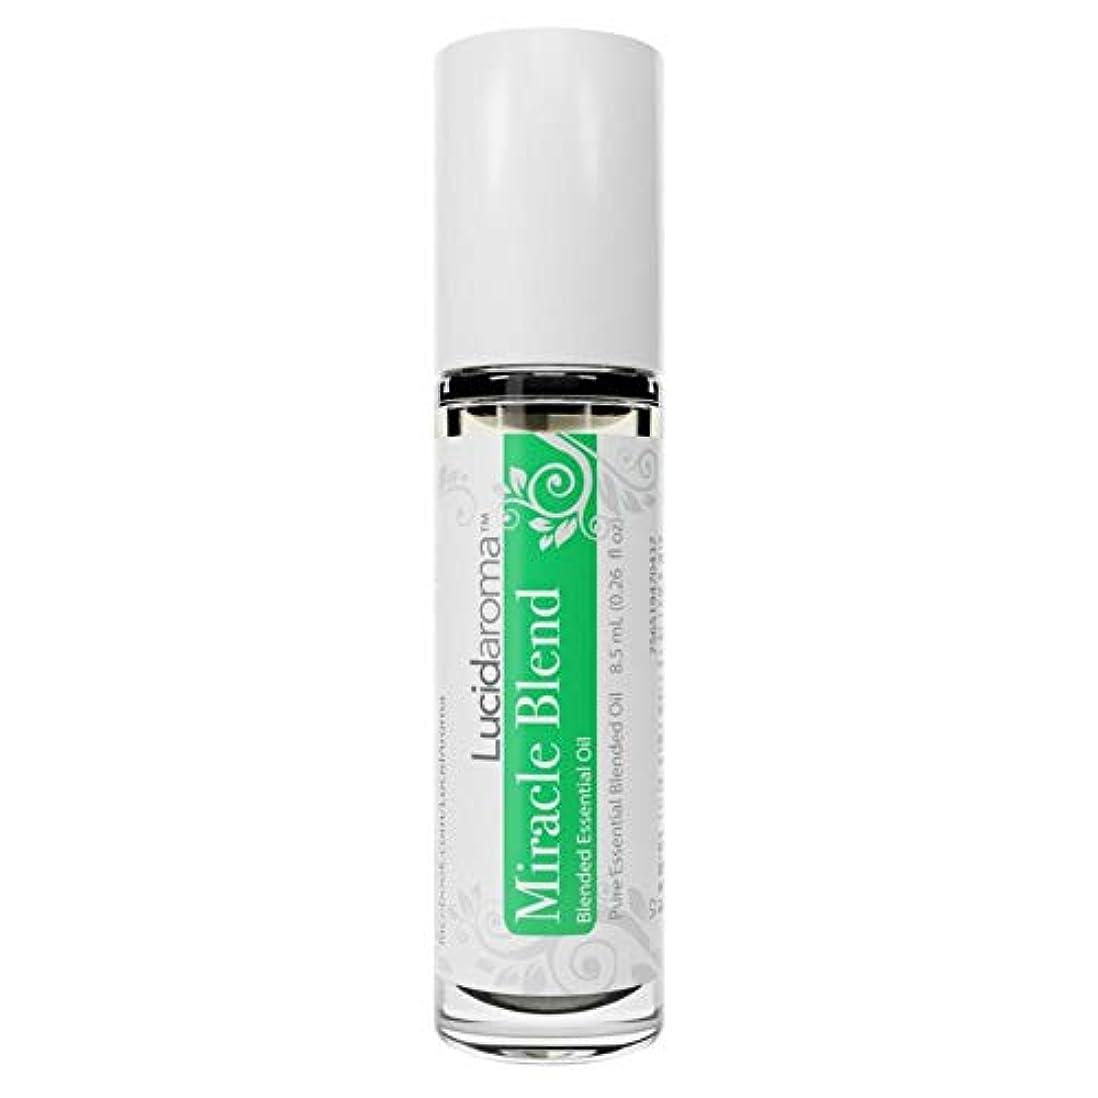 方言膨らみ酔ってLucid Aroma Miracle Blend ミラクル ブレンド ロールオン アロマオイル 8.5mL (塗るアロマ) 100%天然 携帯便利 ピュア エッセンシャル アメリカ製